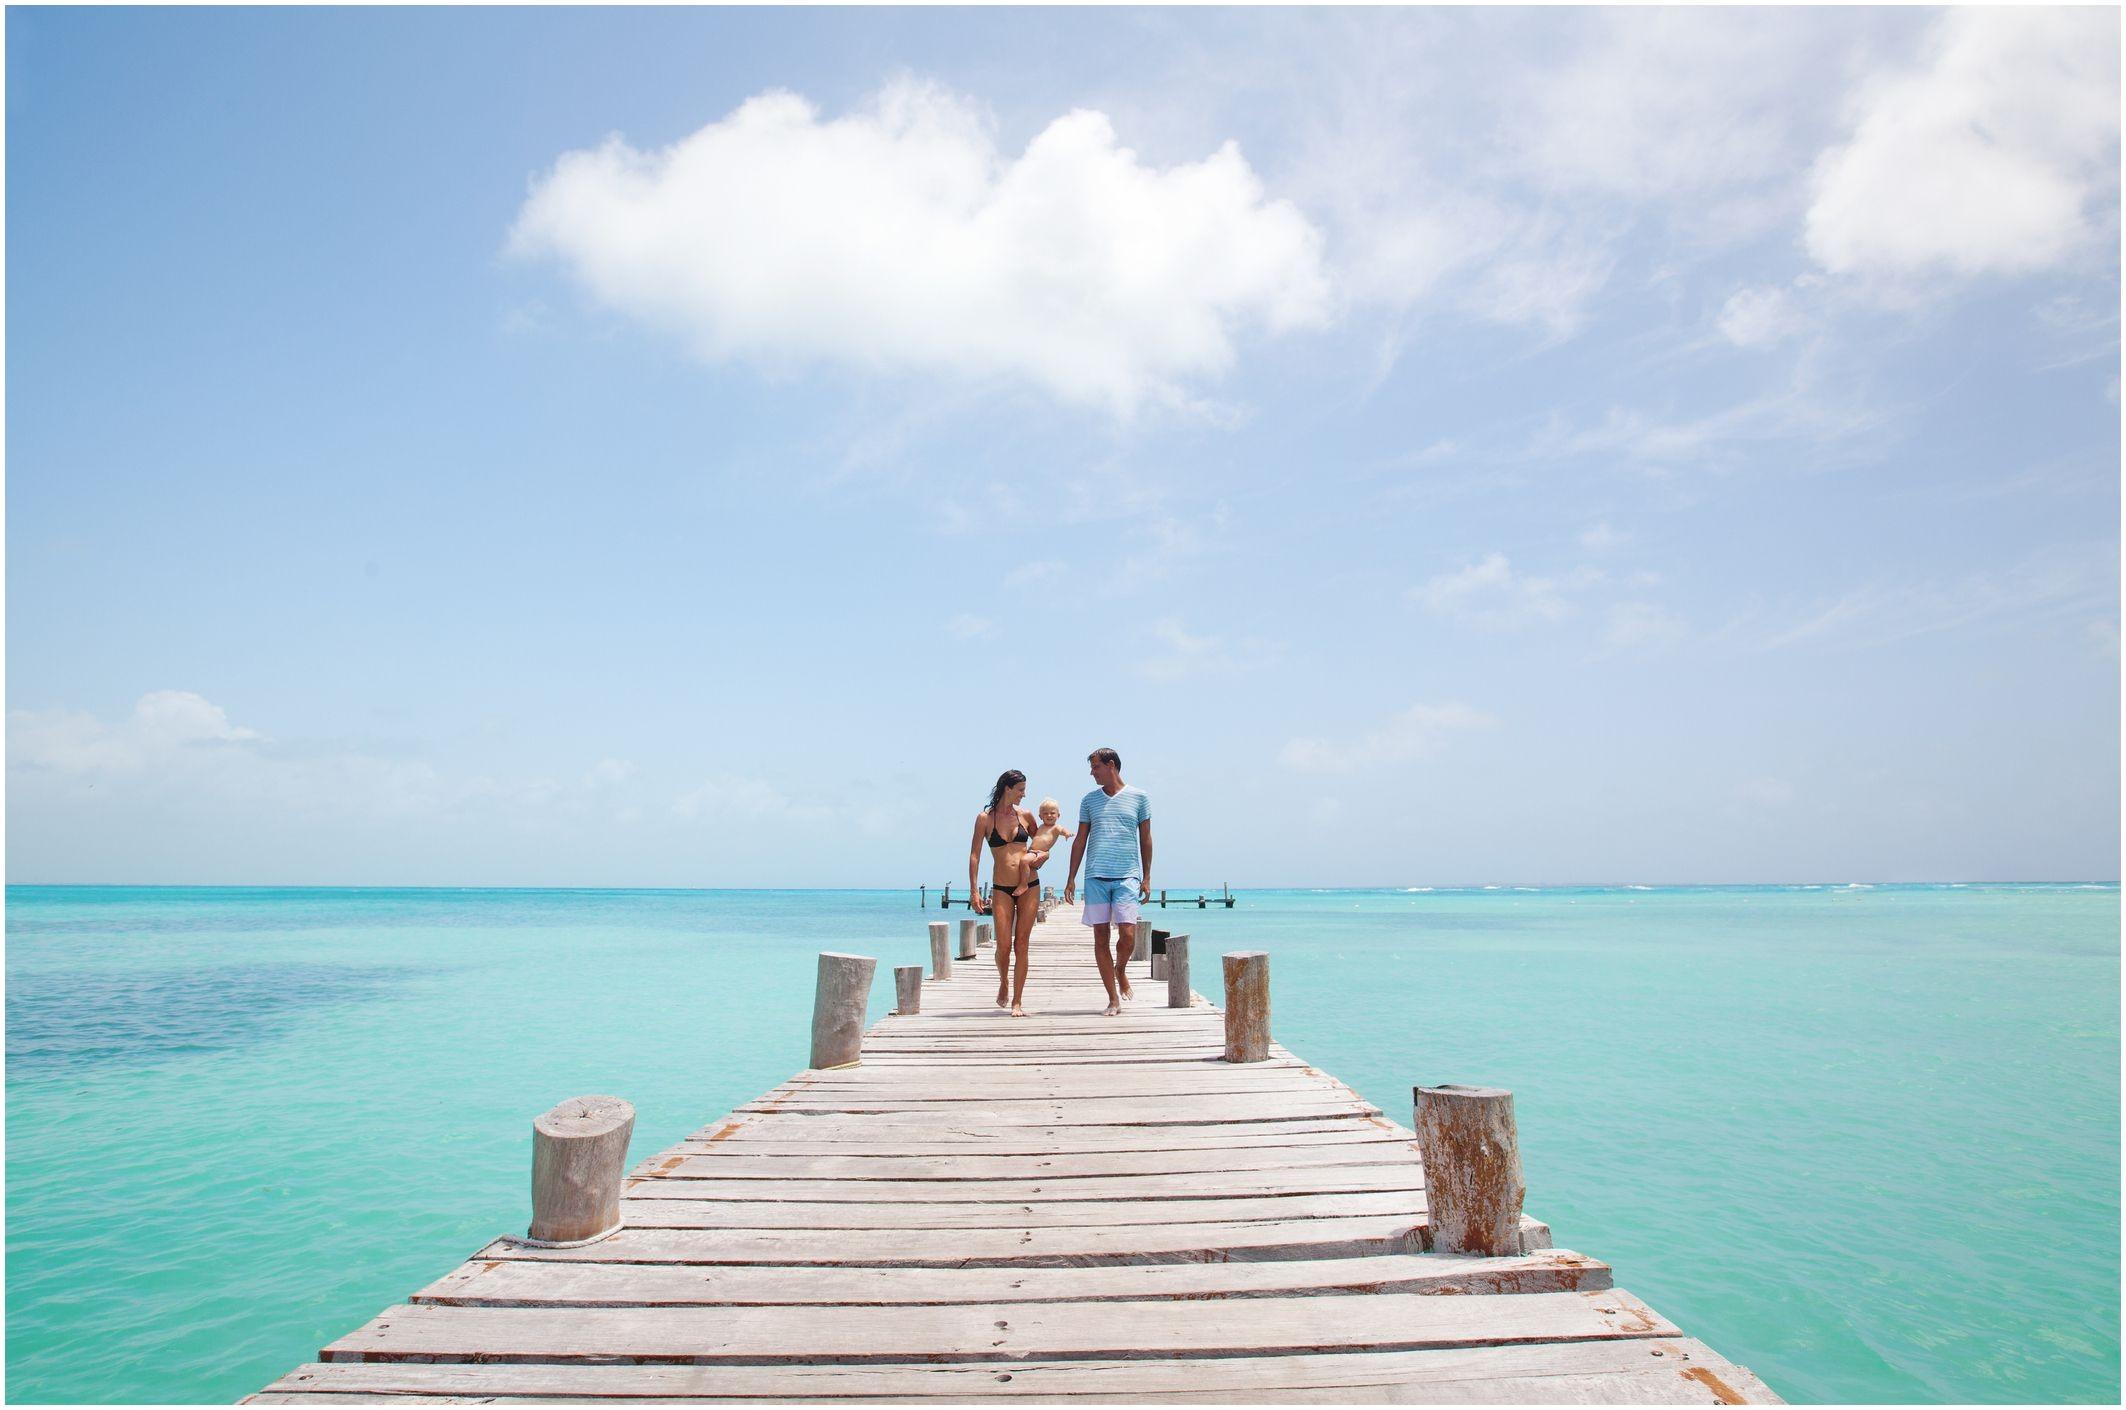 cancun family boardwalk 5c e46e0fb db3e